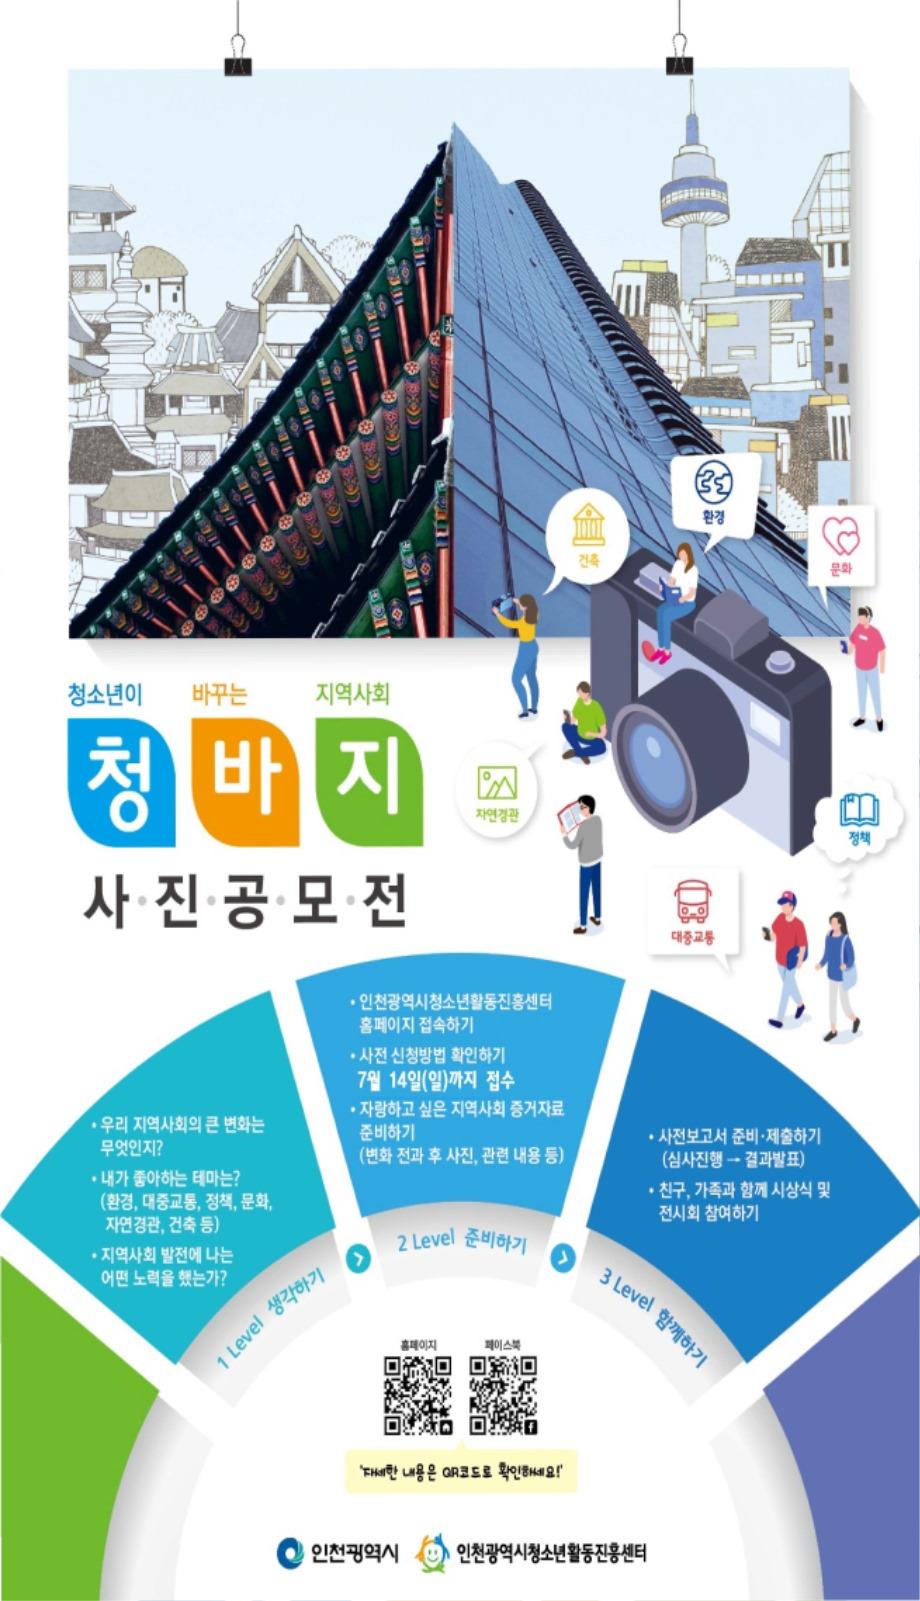 인천청소년활동진흥센터_인포그래픽 - 추가모집.jpg